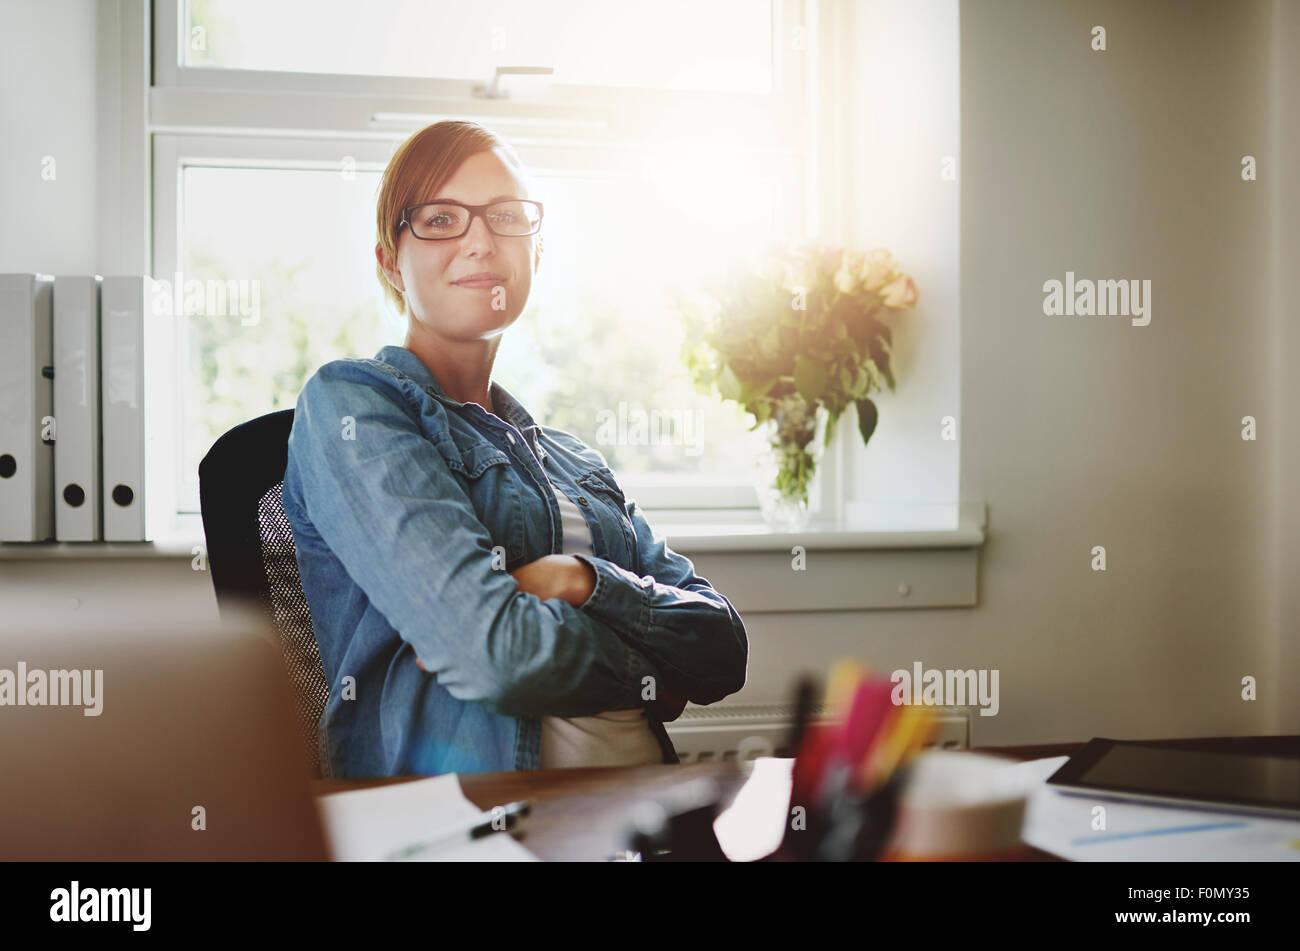 Fiducioso Ufficio giovane donna seduta alla sua scrivania con bracci attraversando il suo stomaco, sorridente alla Immagini Stock